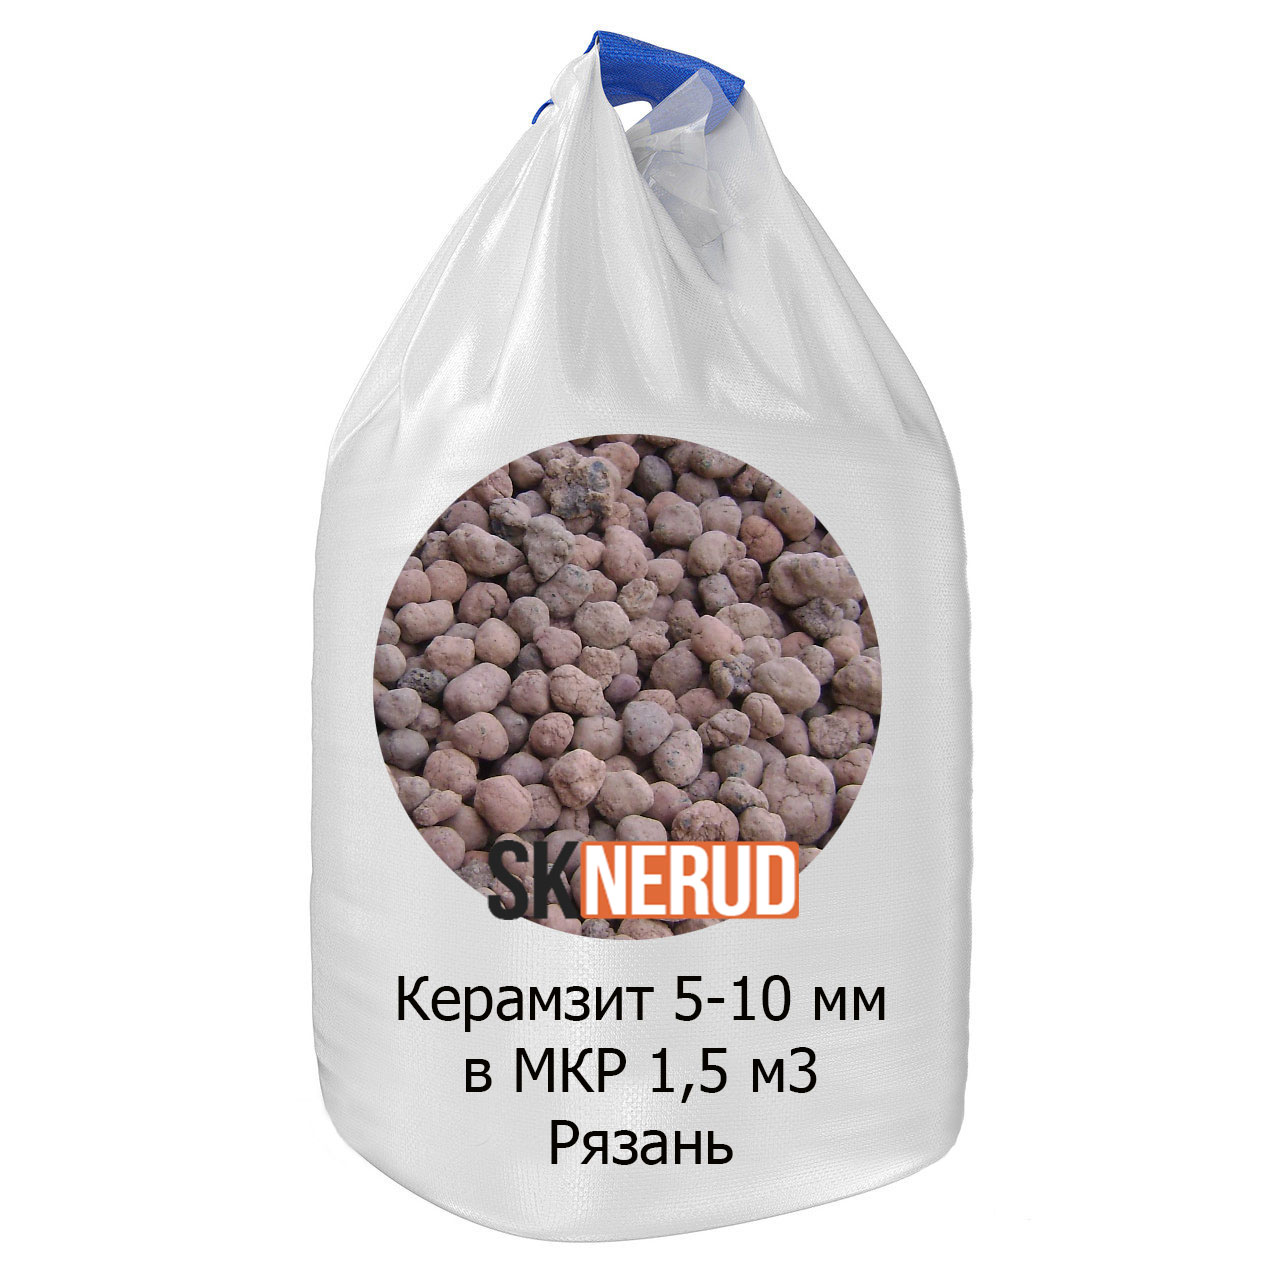 Керамзит 5-10 в биг-бег 1,5 м3 (Рязань)